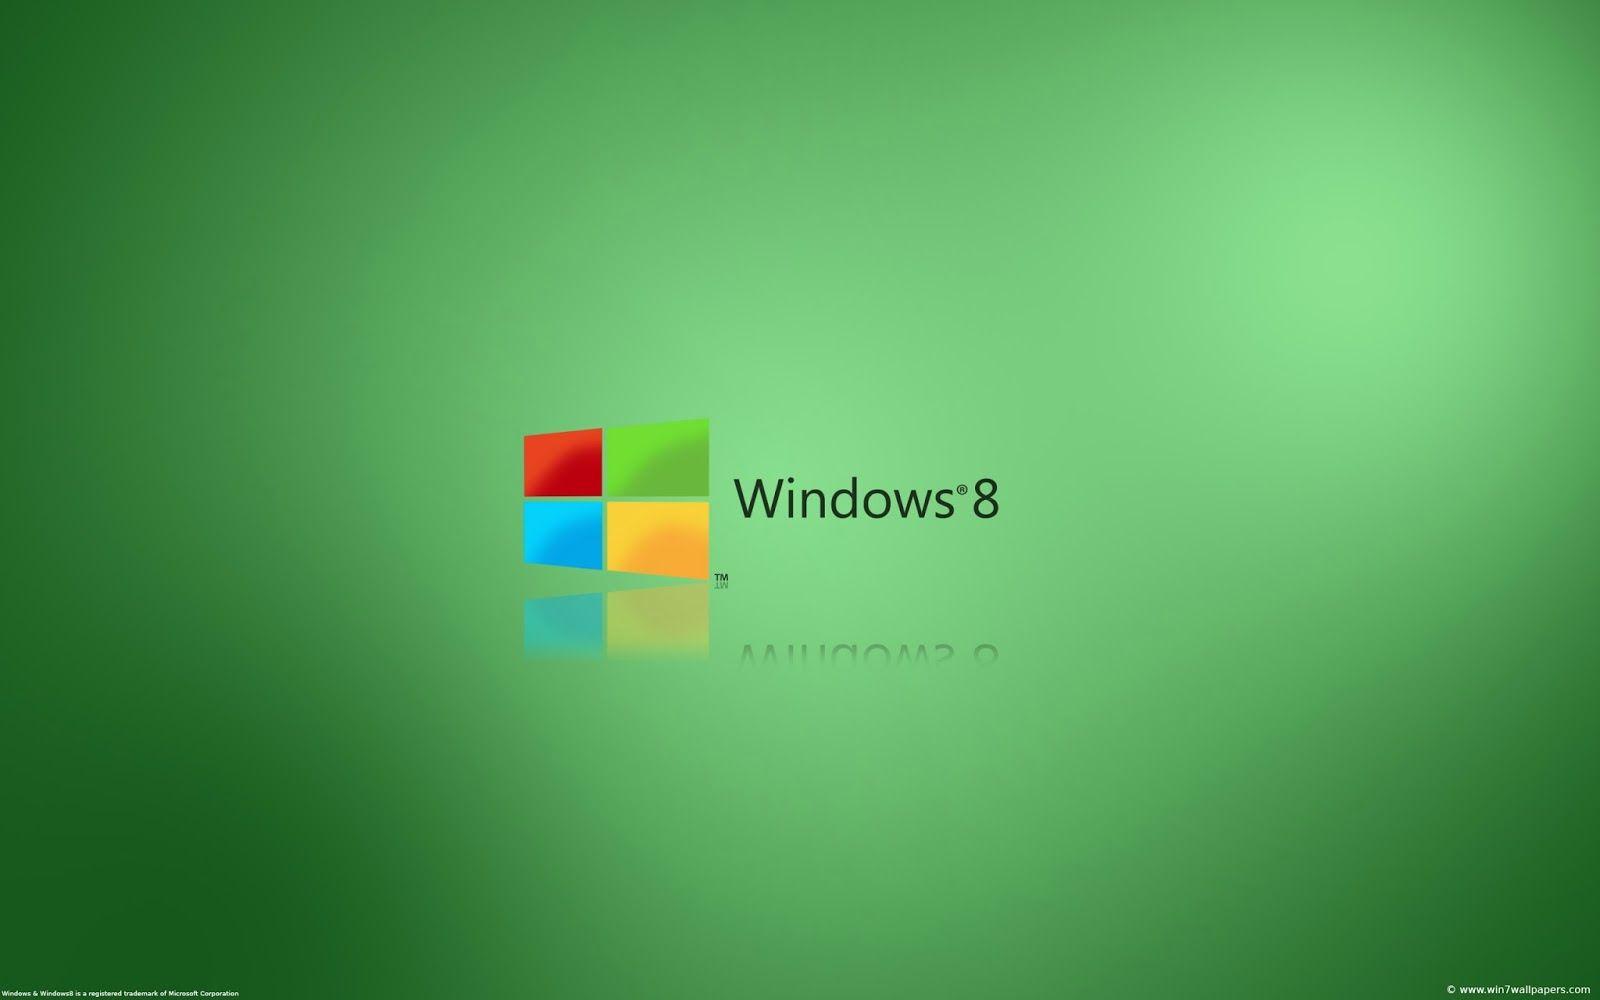 hd wallpapers: windows 8 wallpaper hd | wallpaper 1080p | pinterest